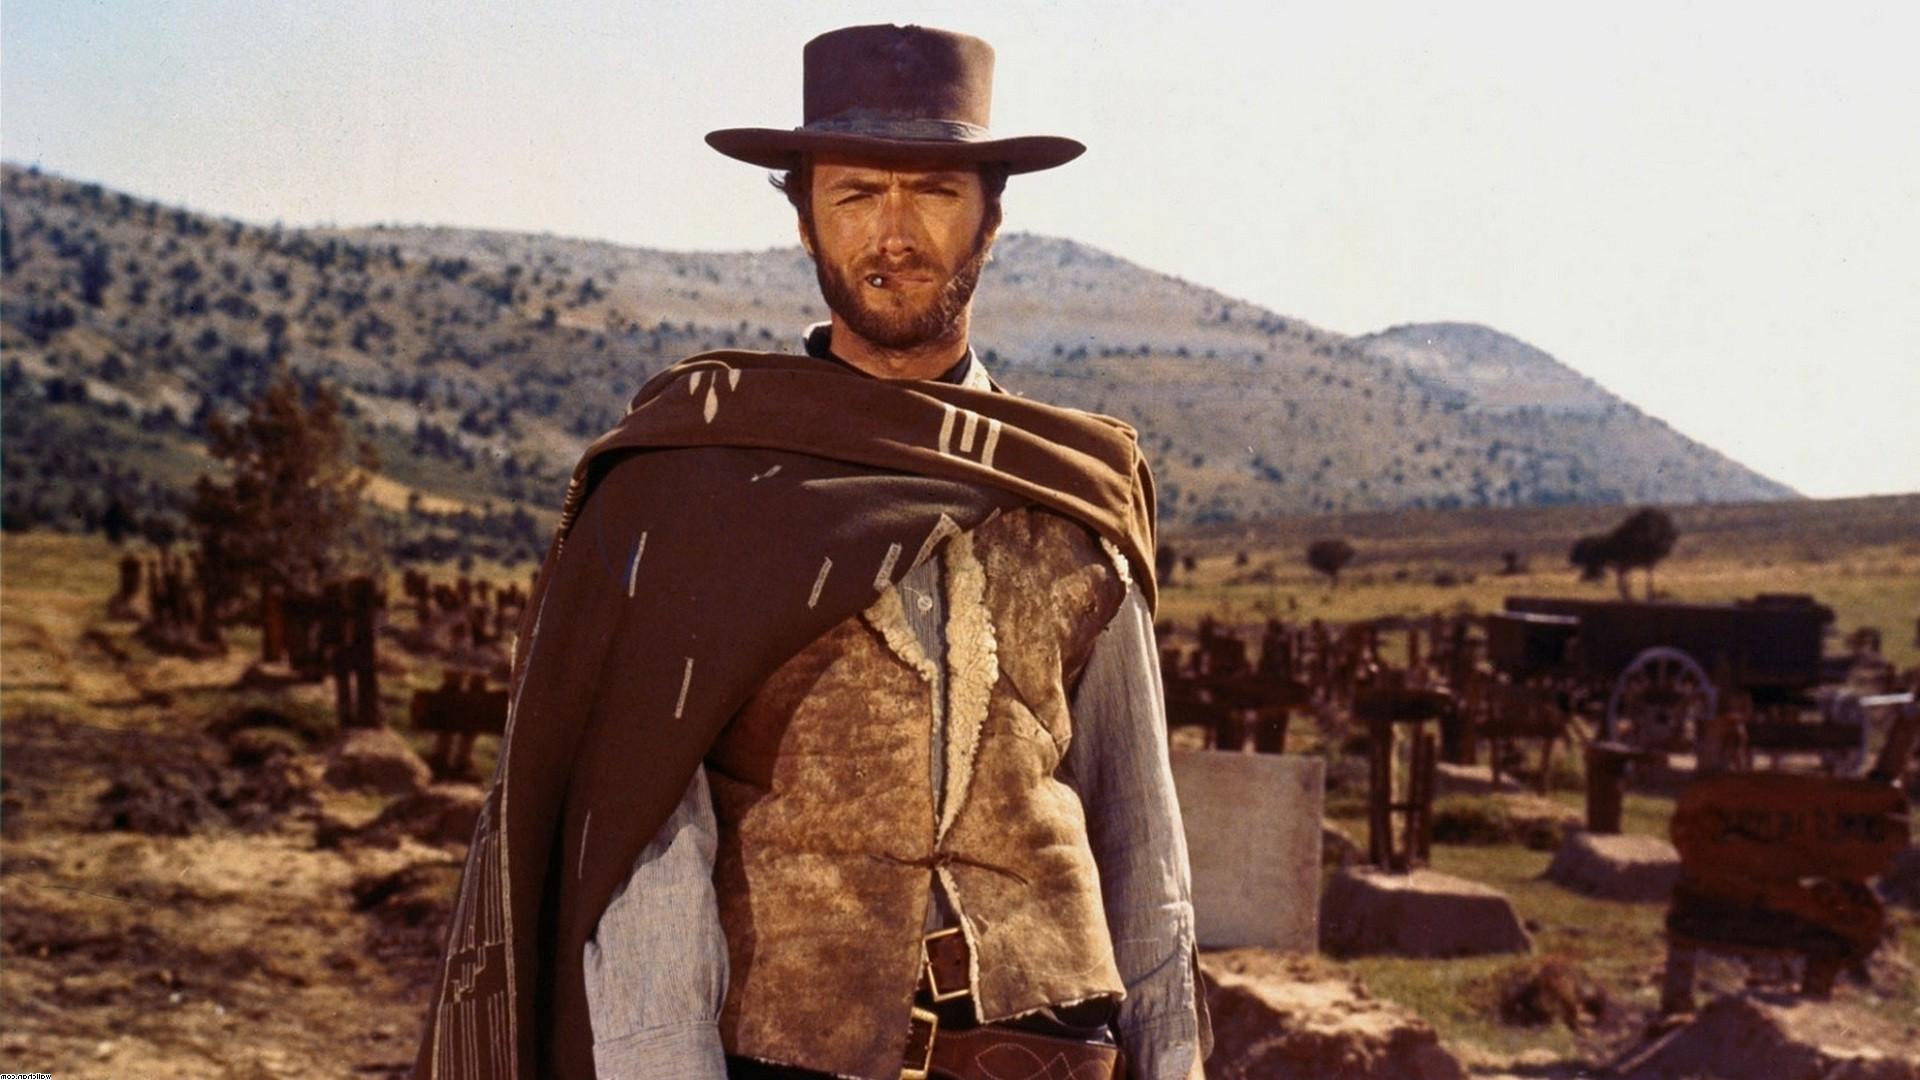 Fondos De Pantalla Soldado Clint Eastwood Vaquero